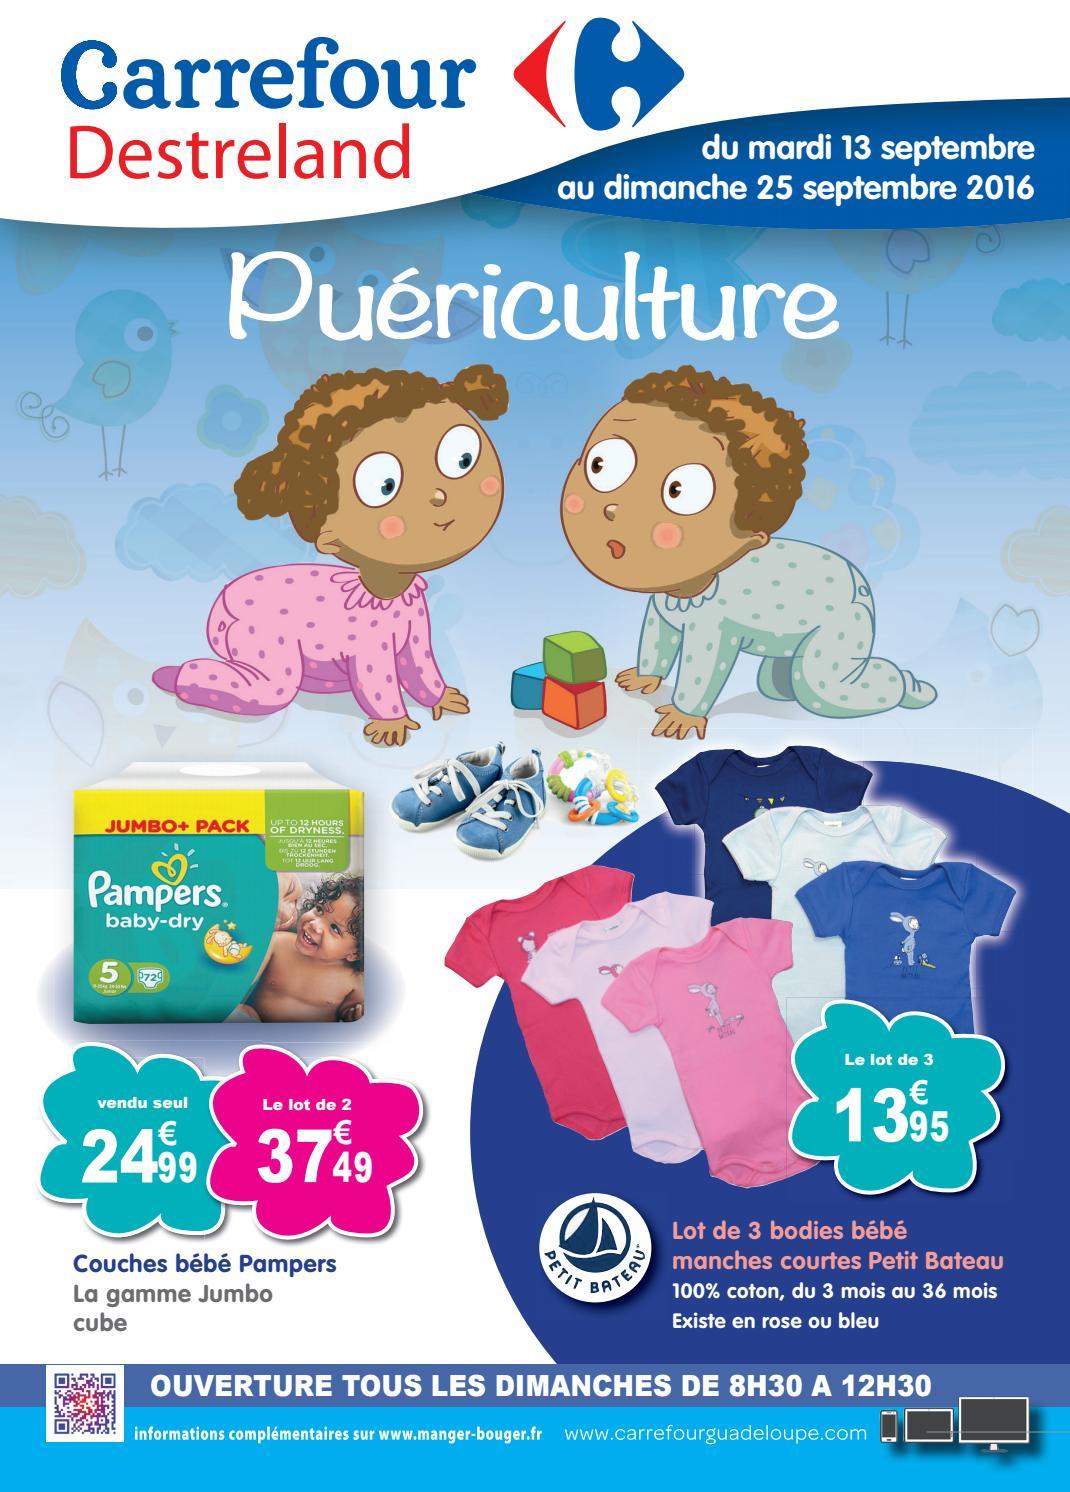 Commode Langer Carrefour: X07350 2 1200x1200.jpg. 90 best bébé ...